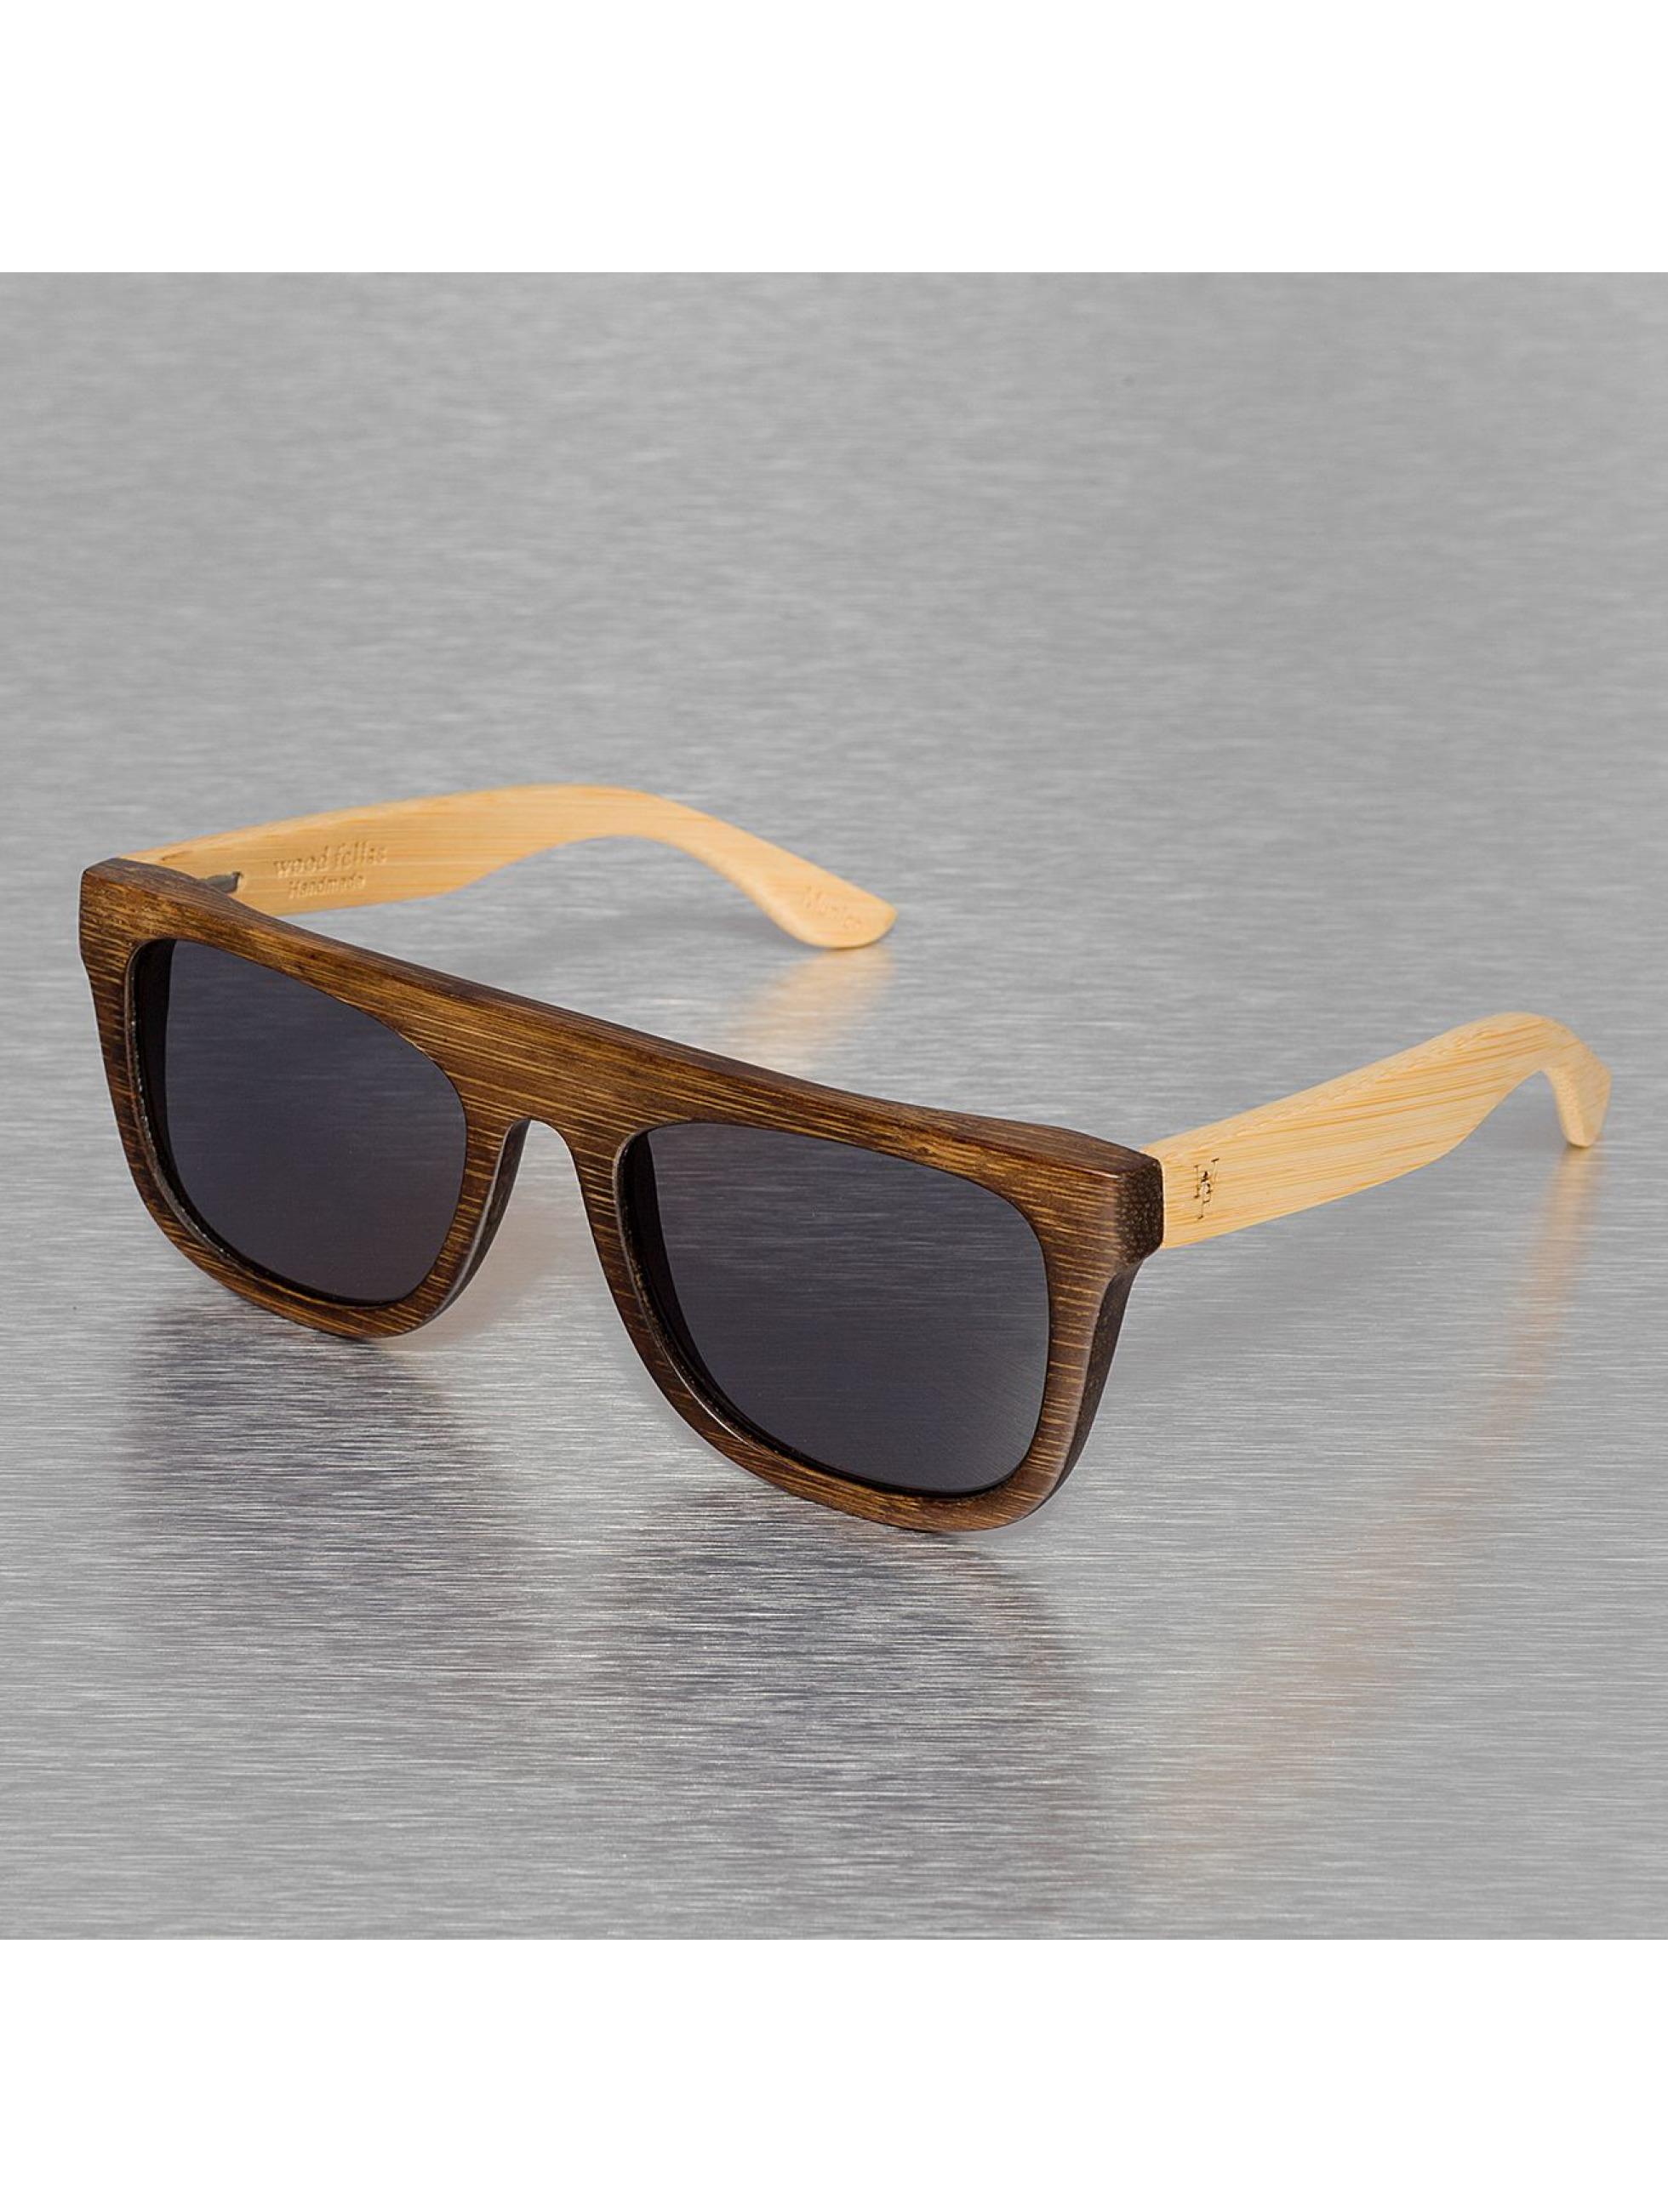 Wood Fellas Eyewear Lunettes de soleil Wood Fellas Mino brun